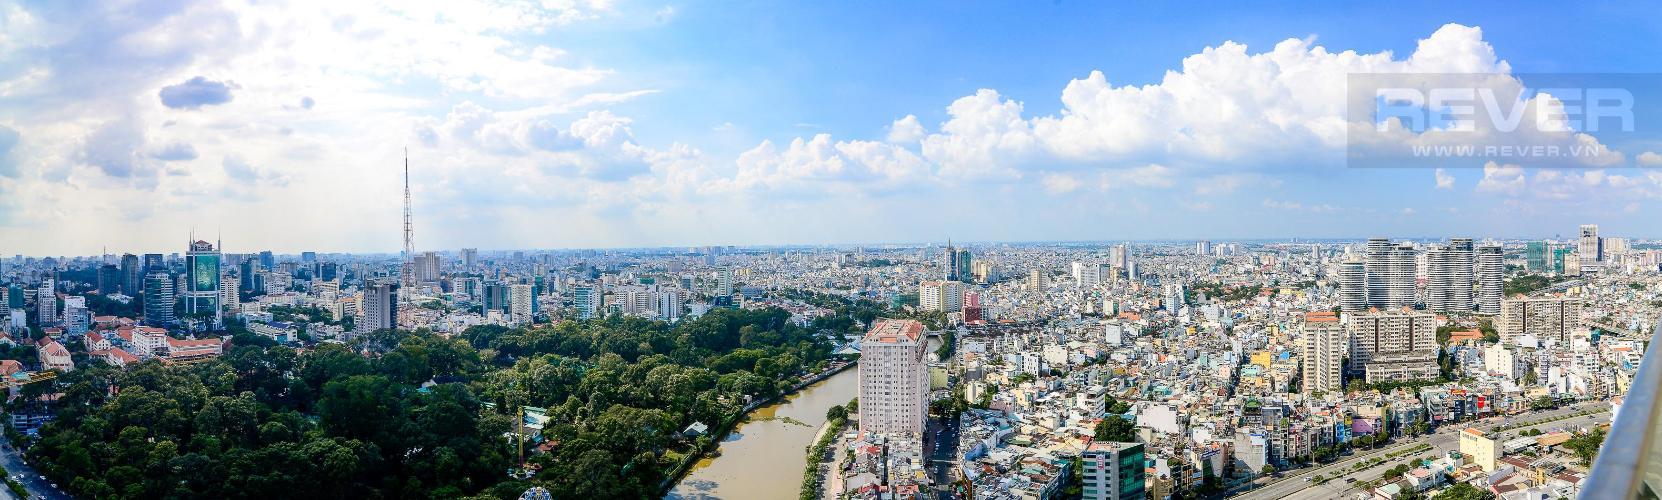 c Bán căn hộ Vinhomes Golden River 3PN, tầng cao, tháp The Aqua 1, diện tích 109m2, đầy đủ nội thất, view thành phố